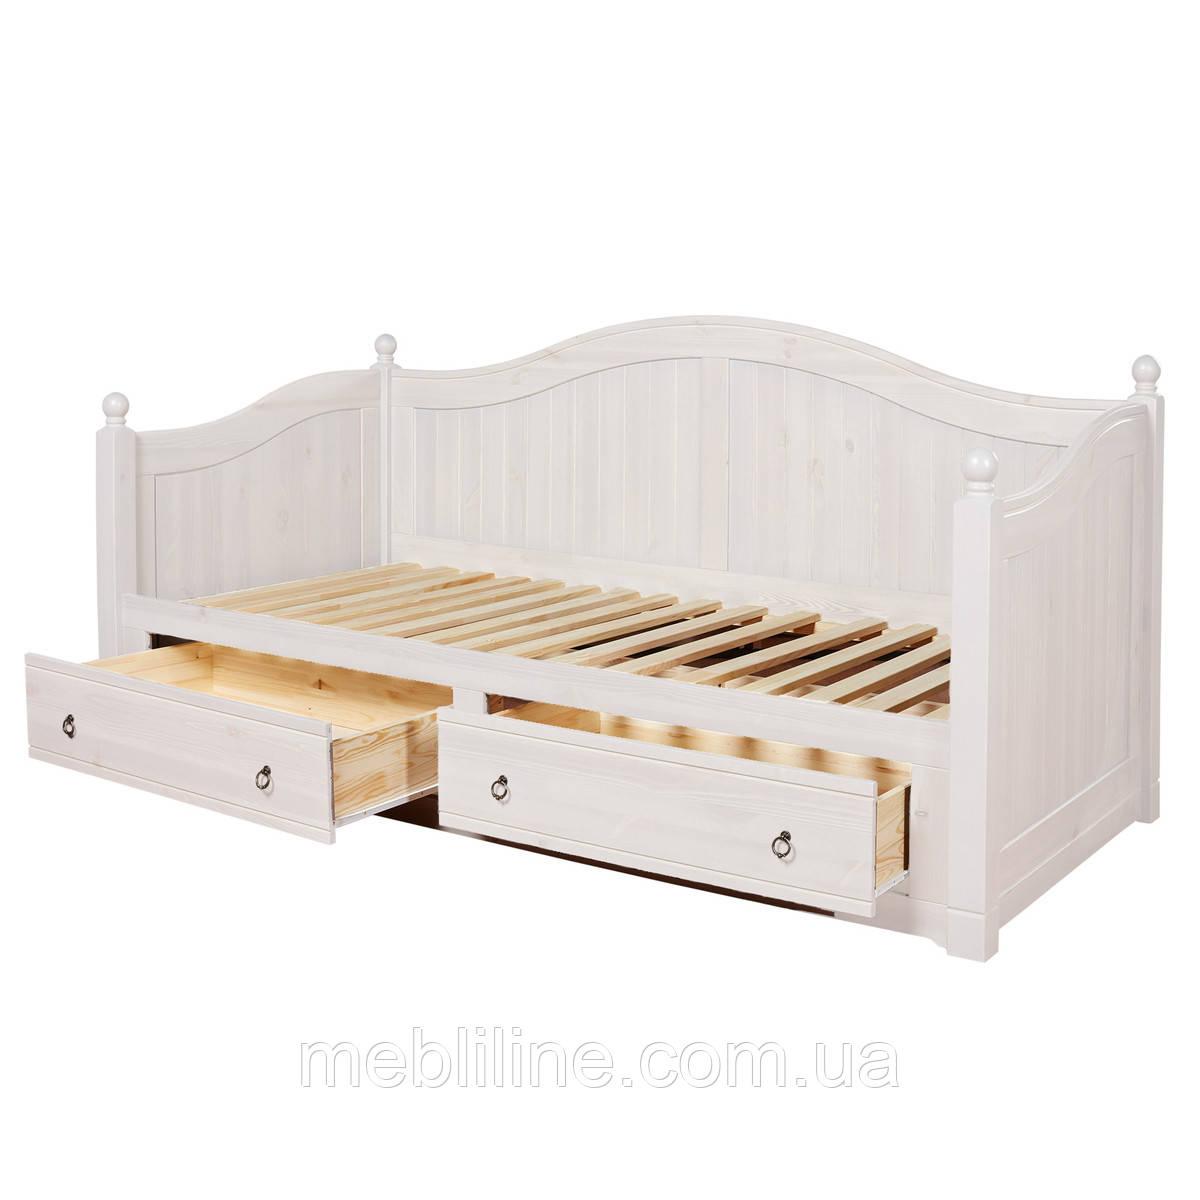 детская кровать из дерева Vilet деревянные односпальные кровати